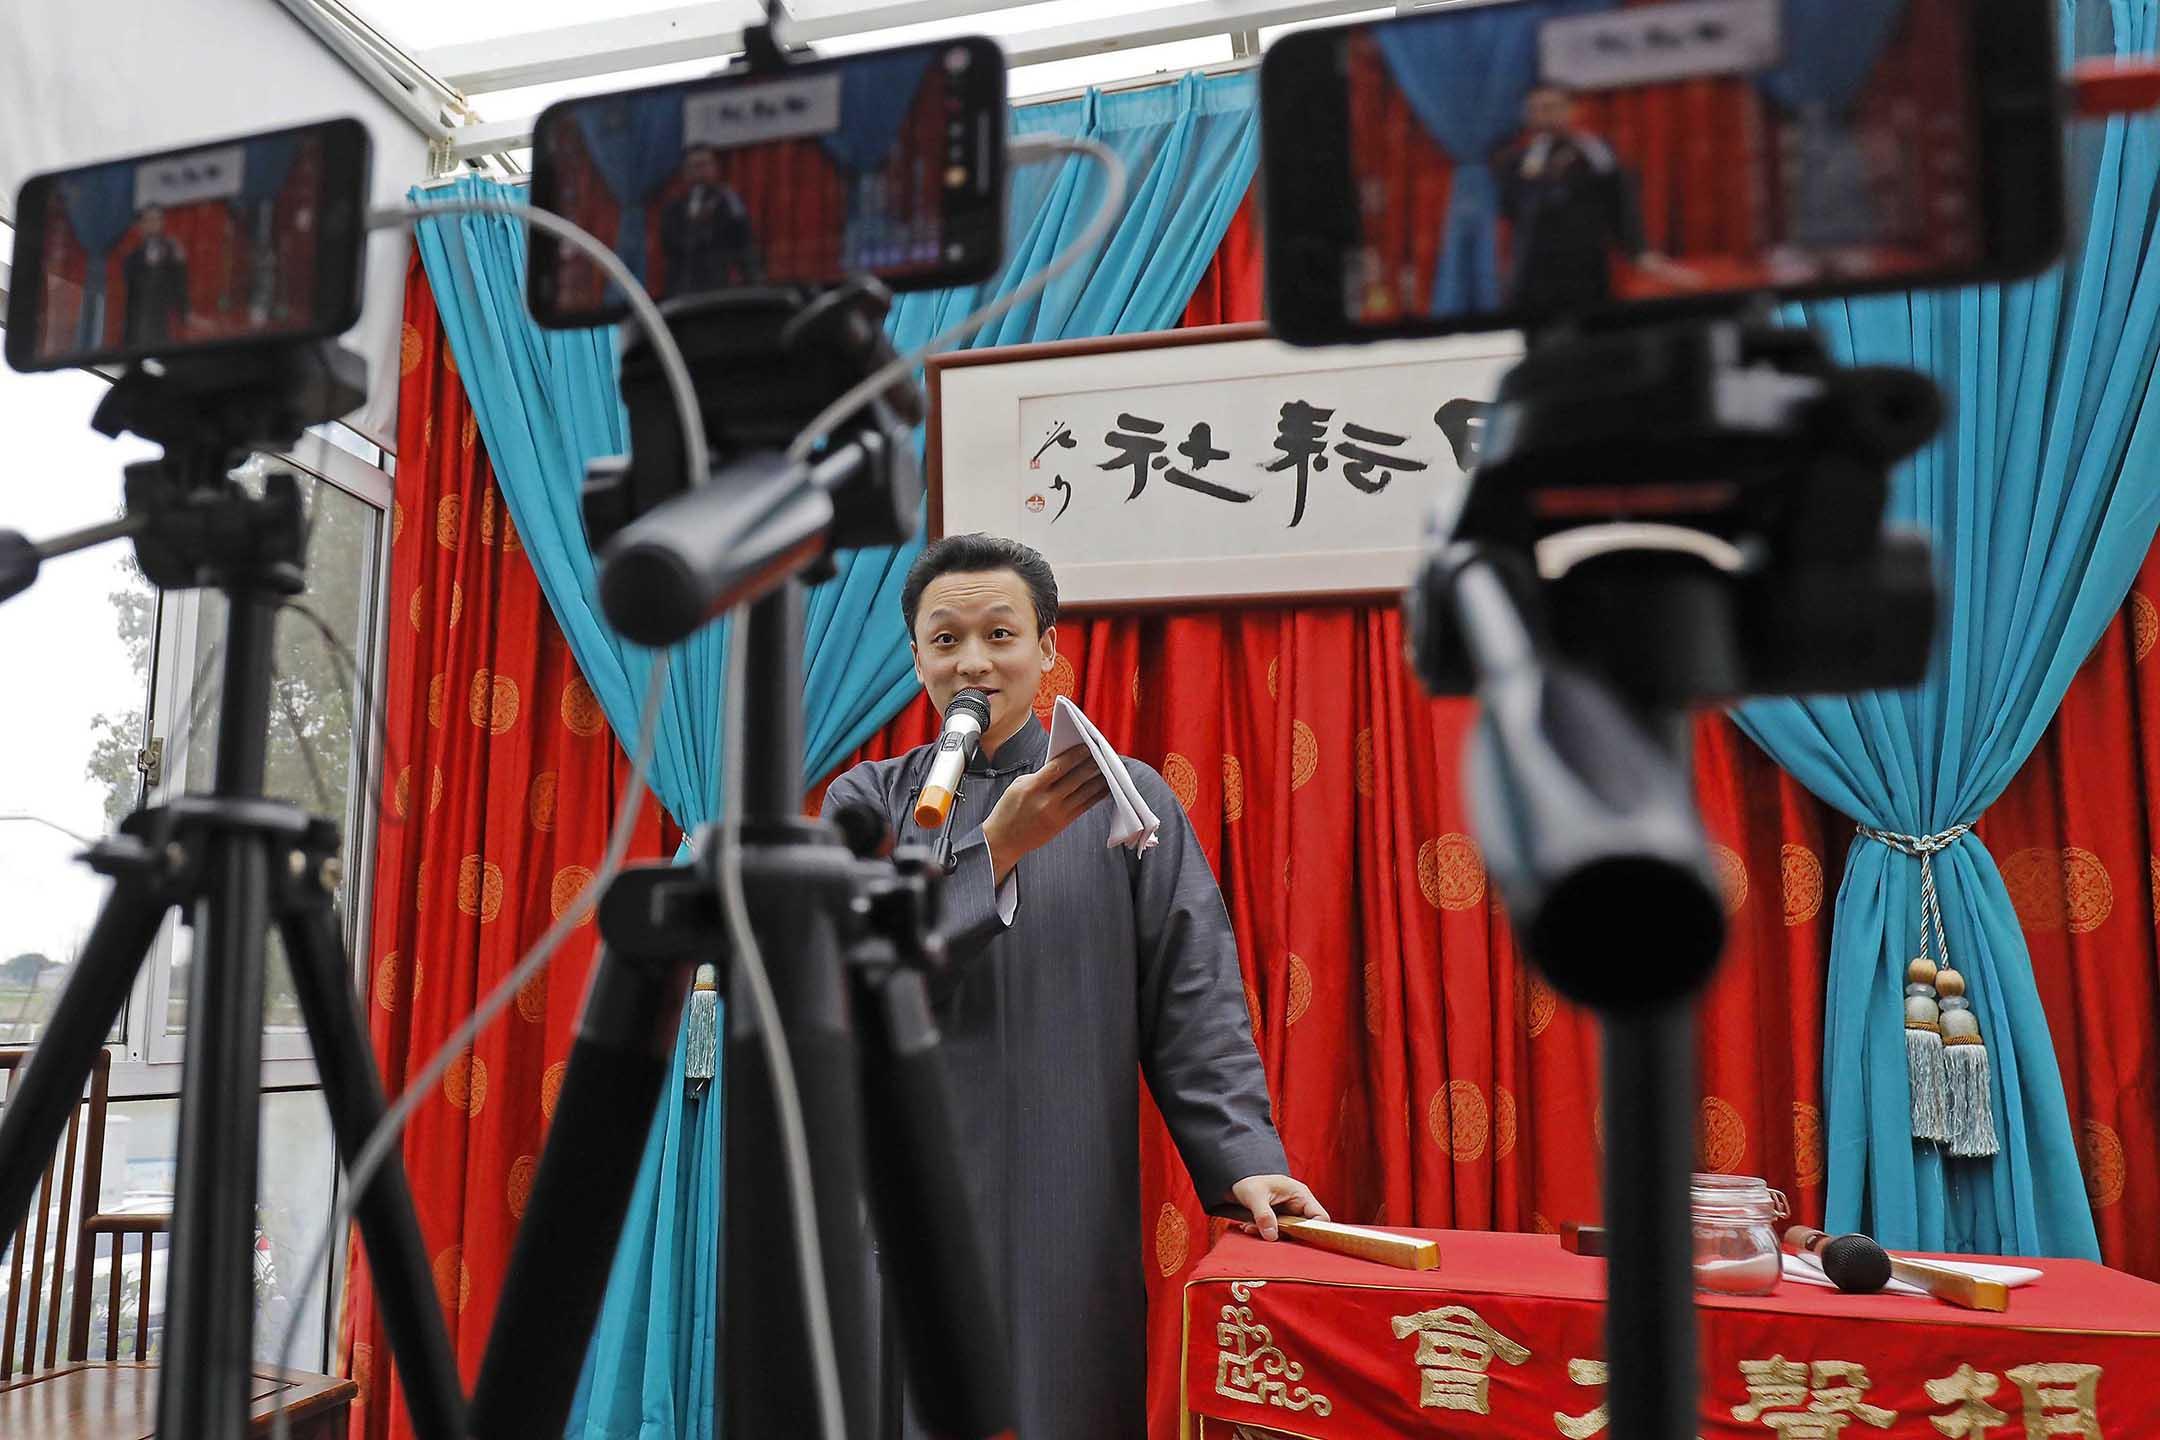 2020年3月1日中國上海 ,一名演員通過新浪微博等直播平台表演相聲。